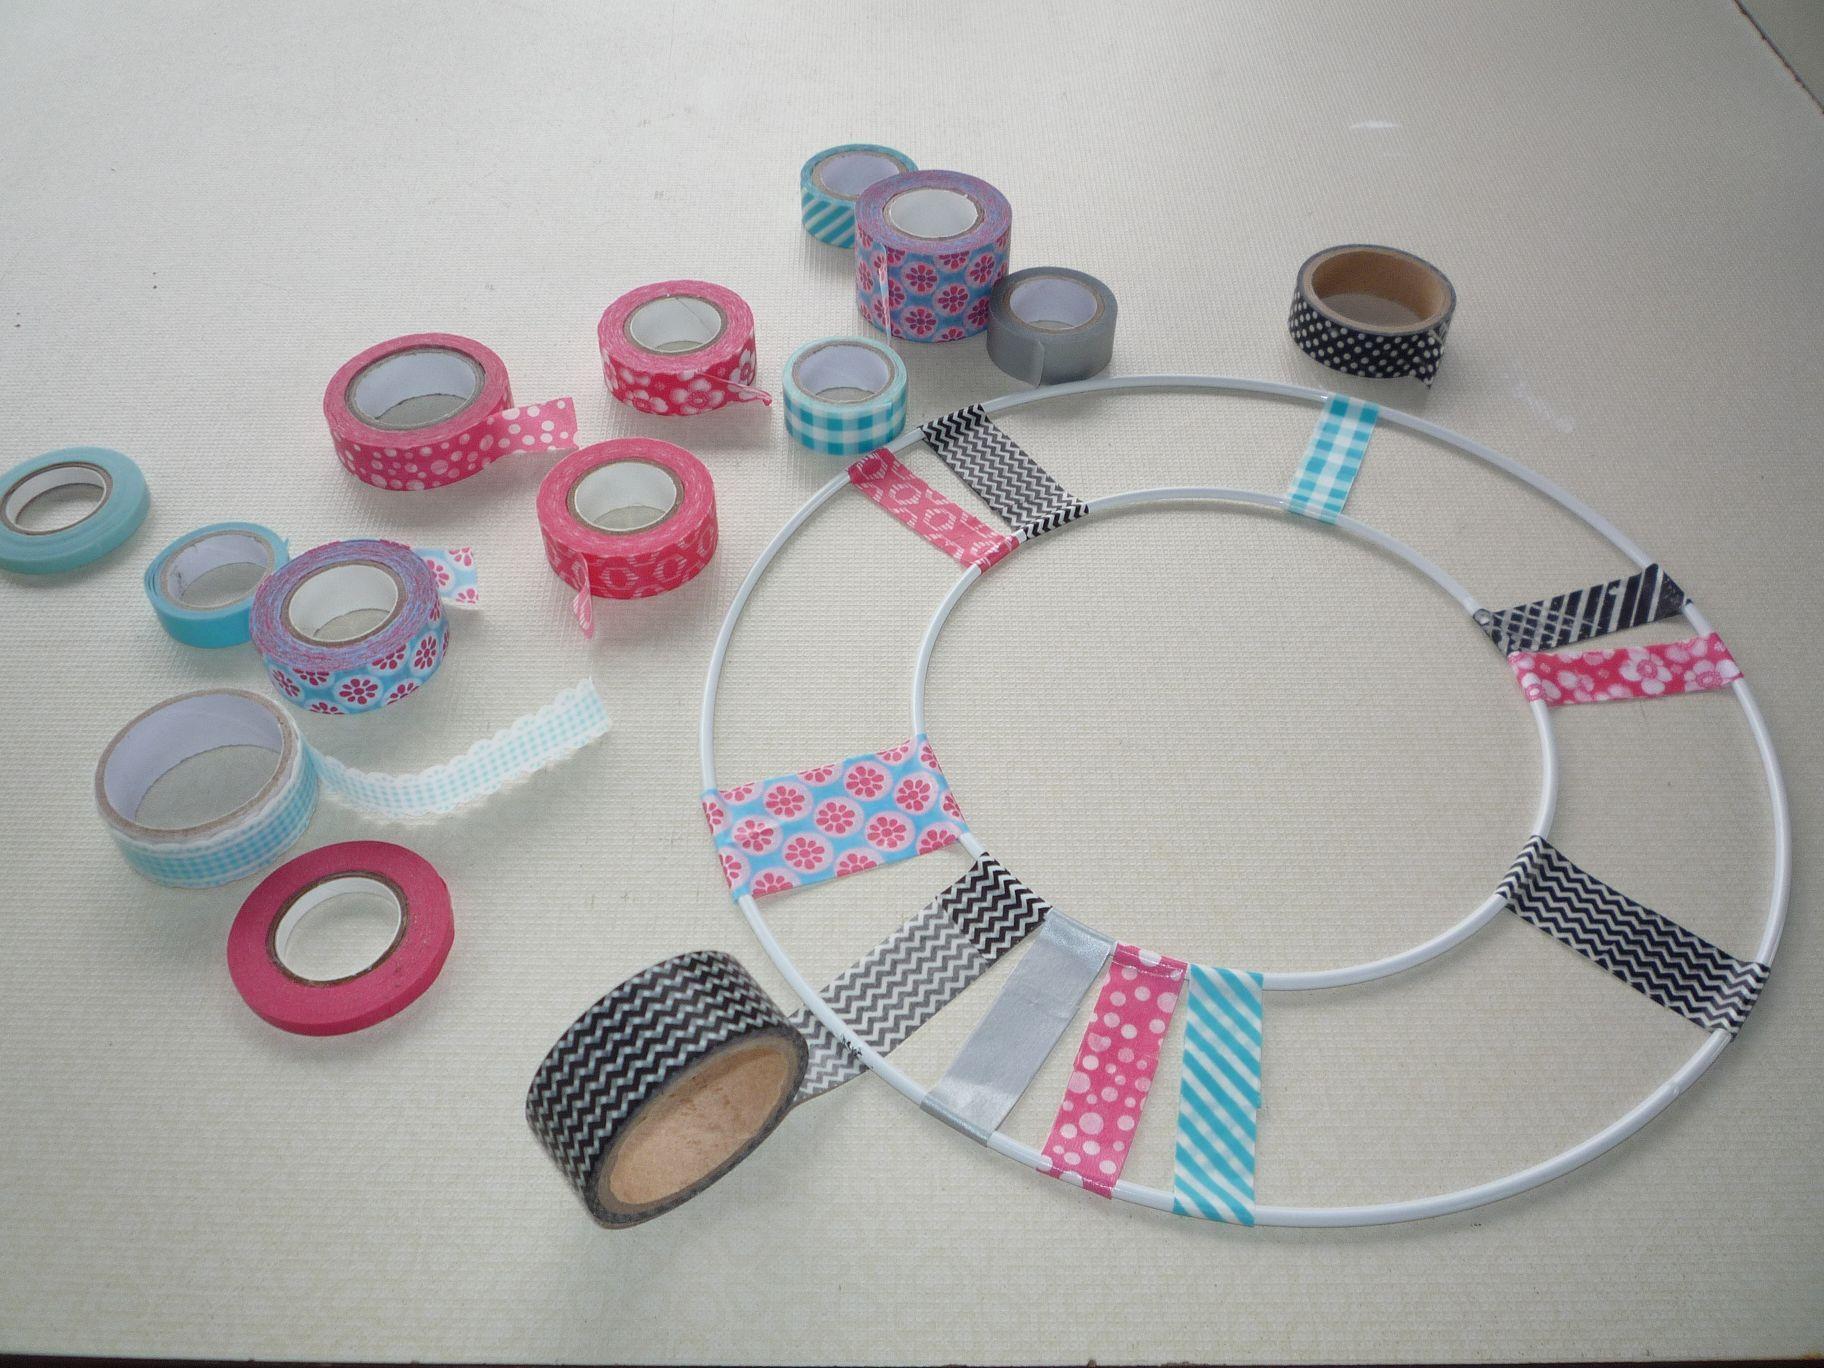 ideen f r washi tape sammlungen blog schuhe und kreativ. Black Bedroom Furniture Sets. Home Design Ideas